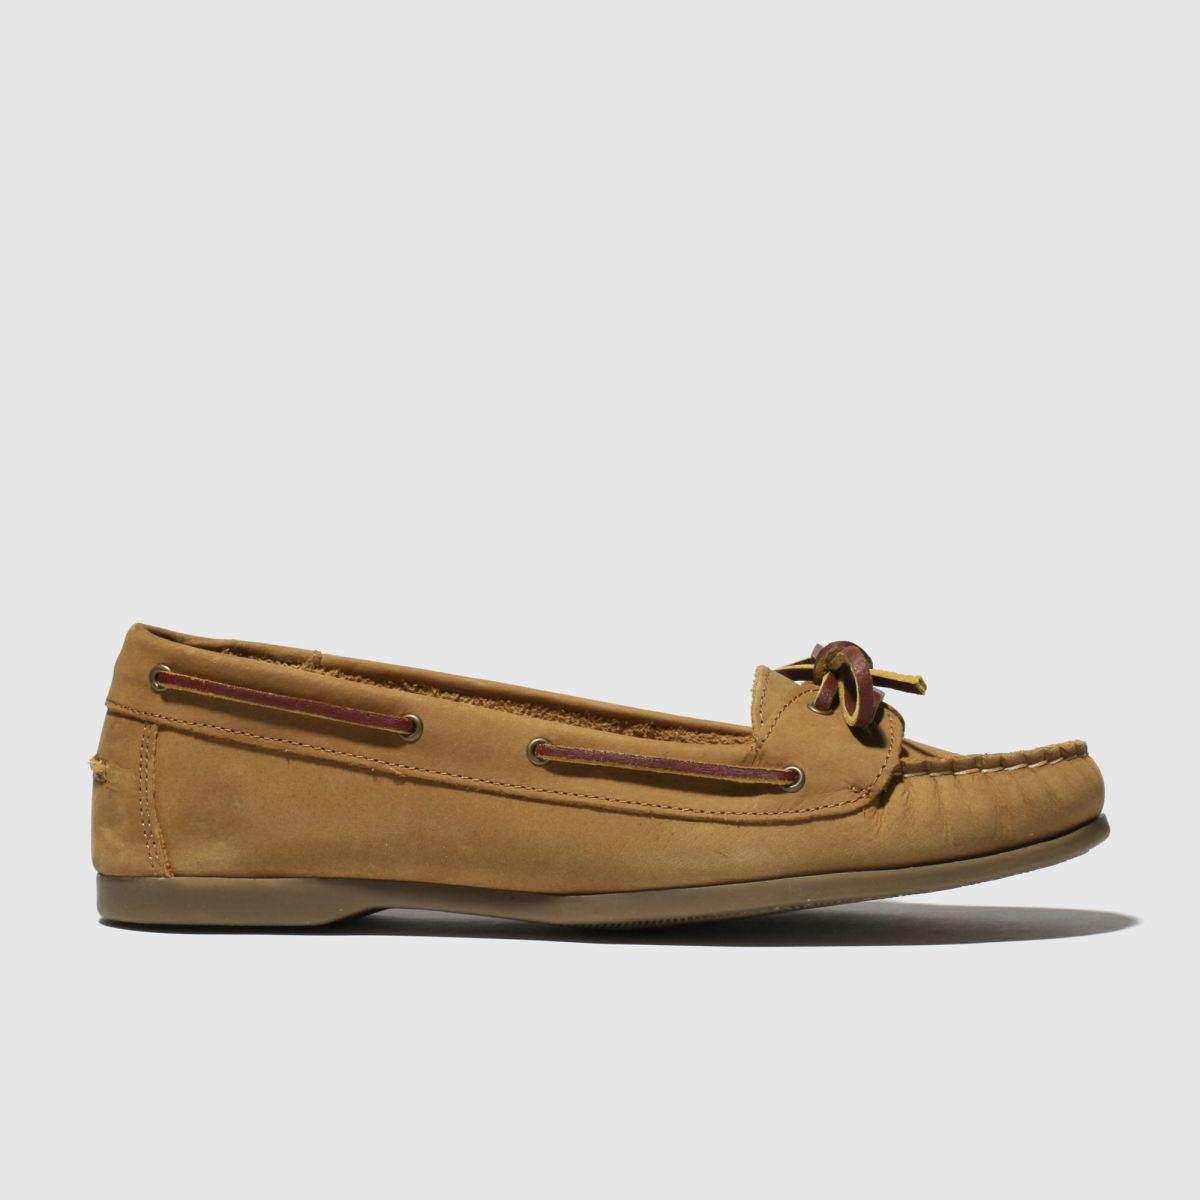 schuh Schuh Tan Twist Again Flat Shoes